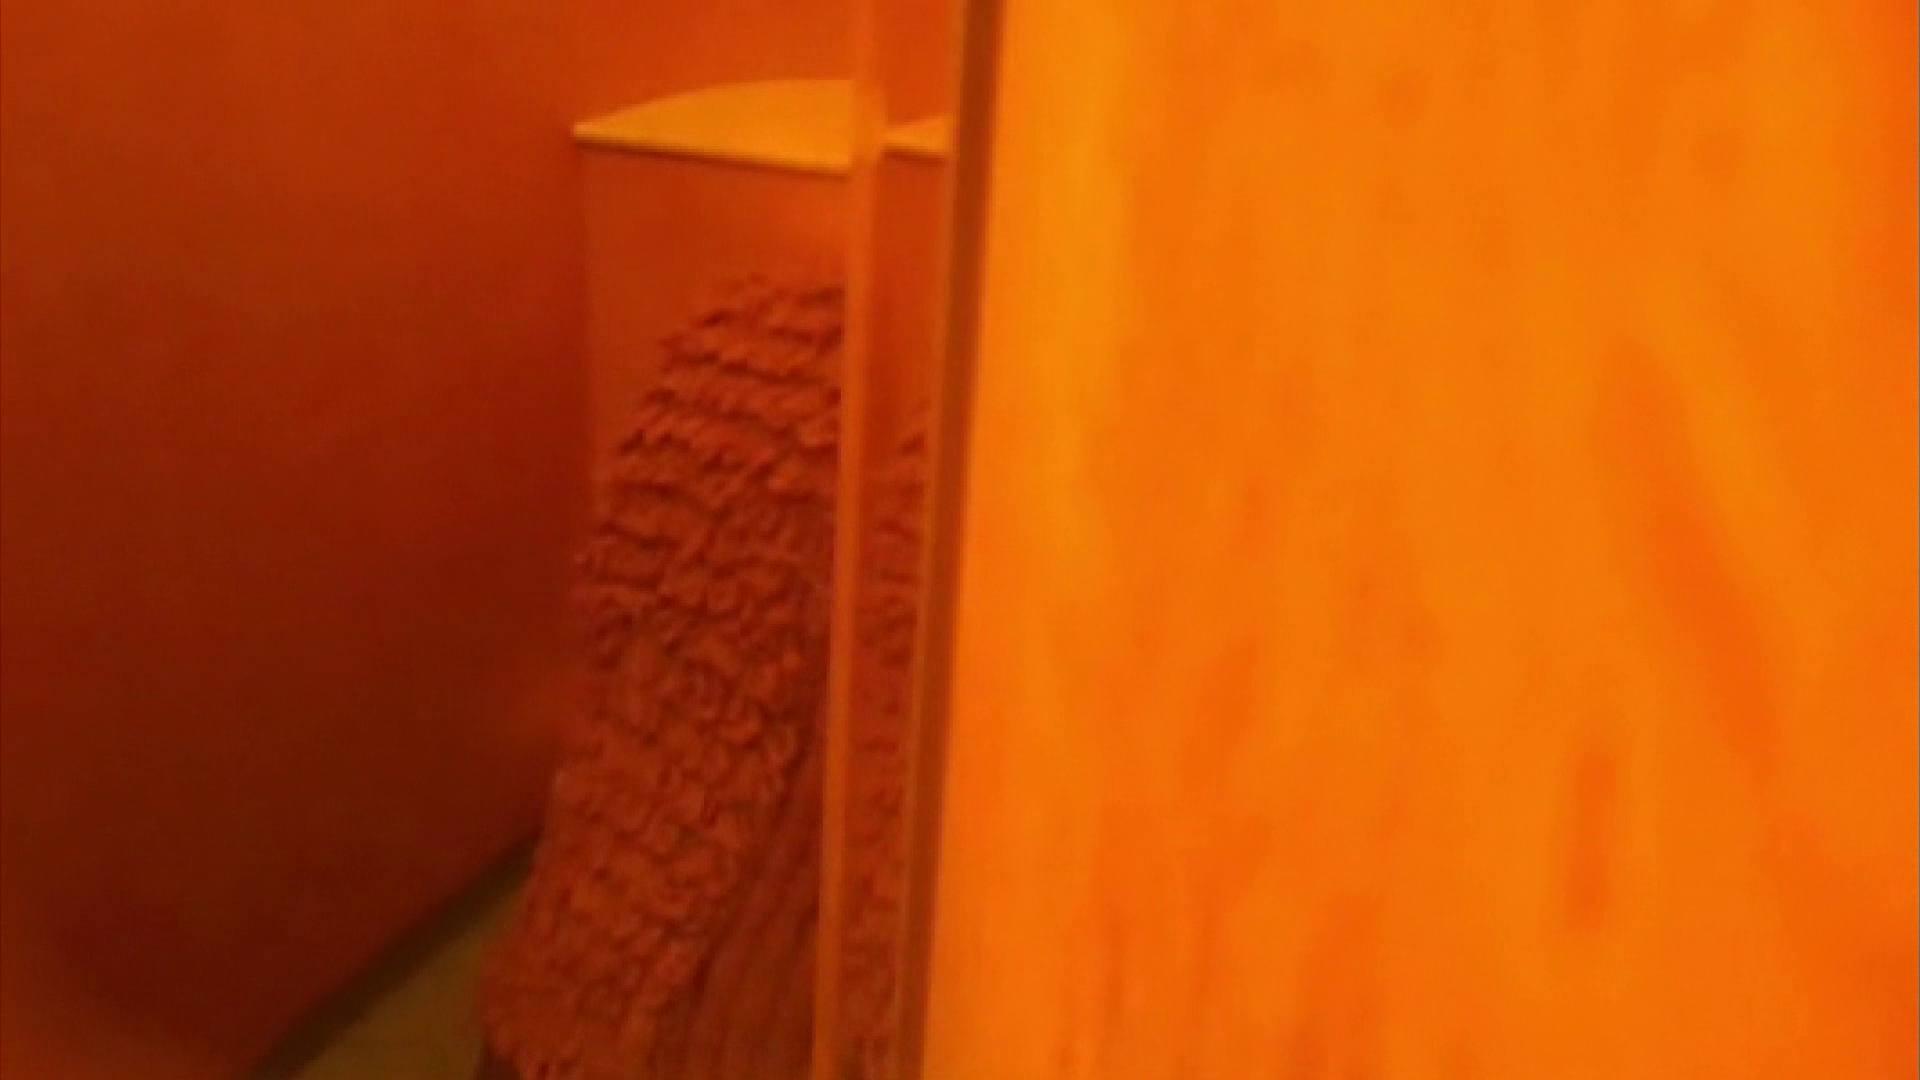 品川からお届け致します!GALS厠覗き! Vol.08 ギャルヌード オマンコ無修正動画無料 108画像 93